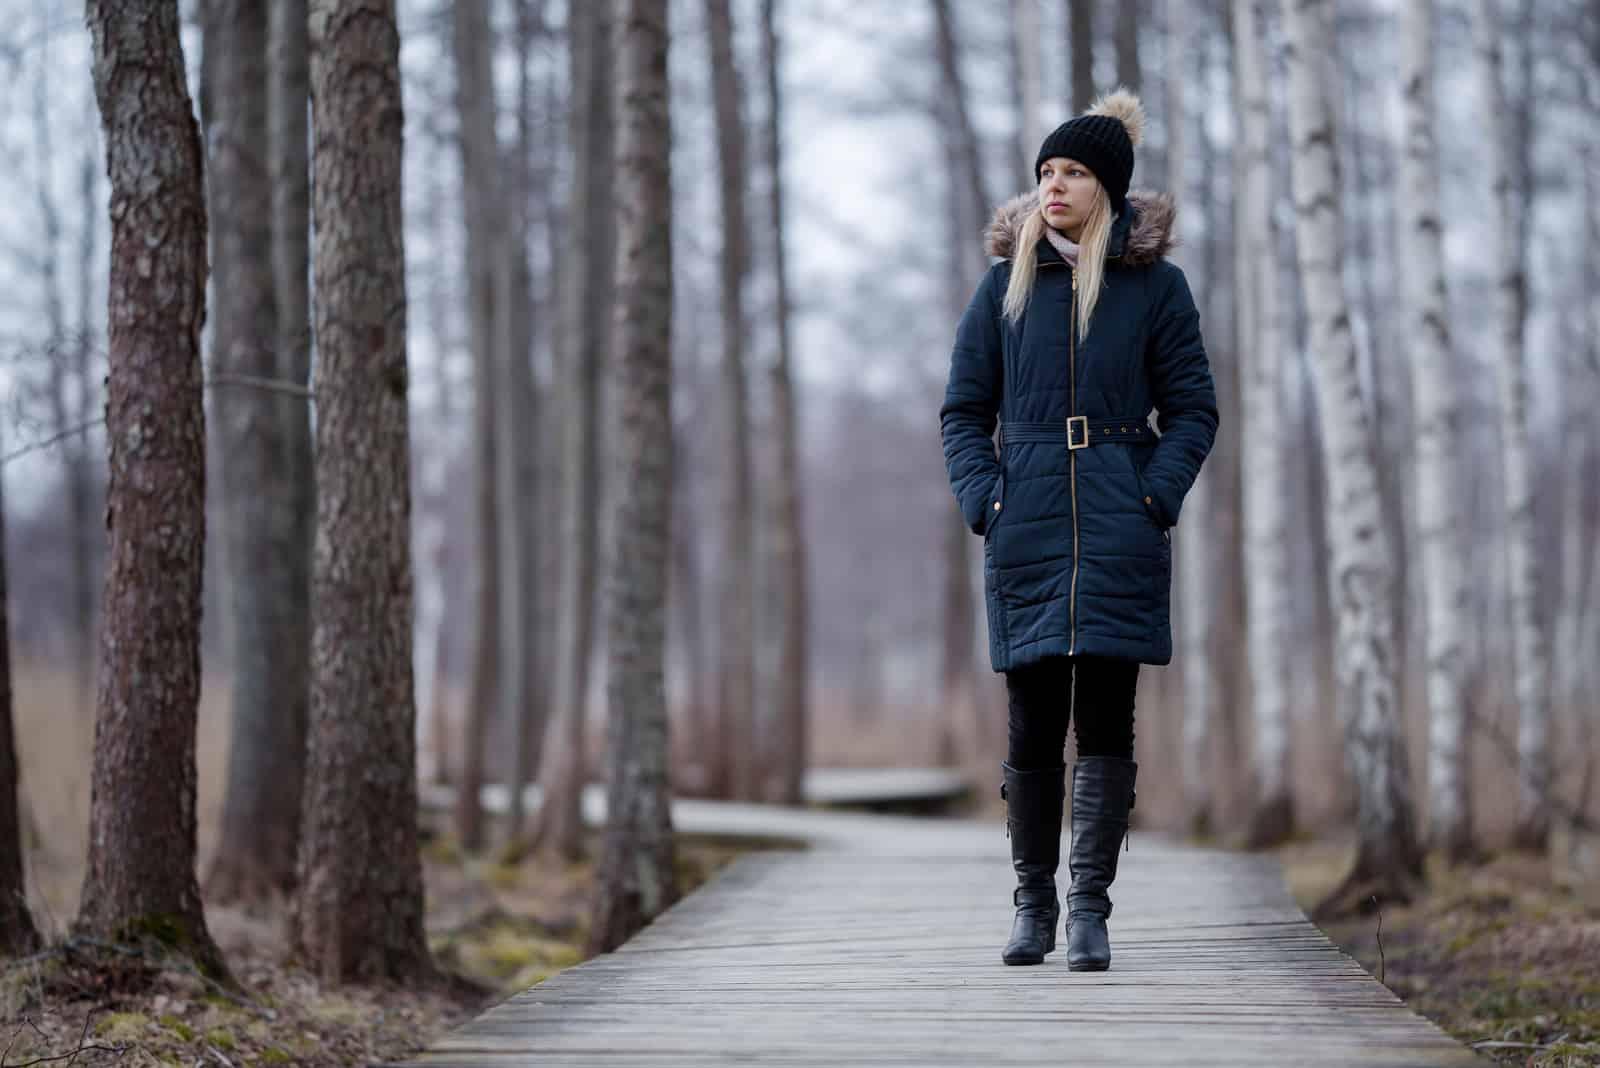 blonde Frau, die allein im Park geht